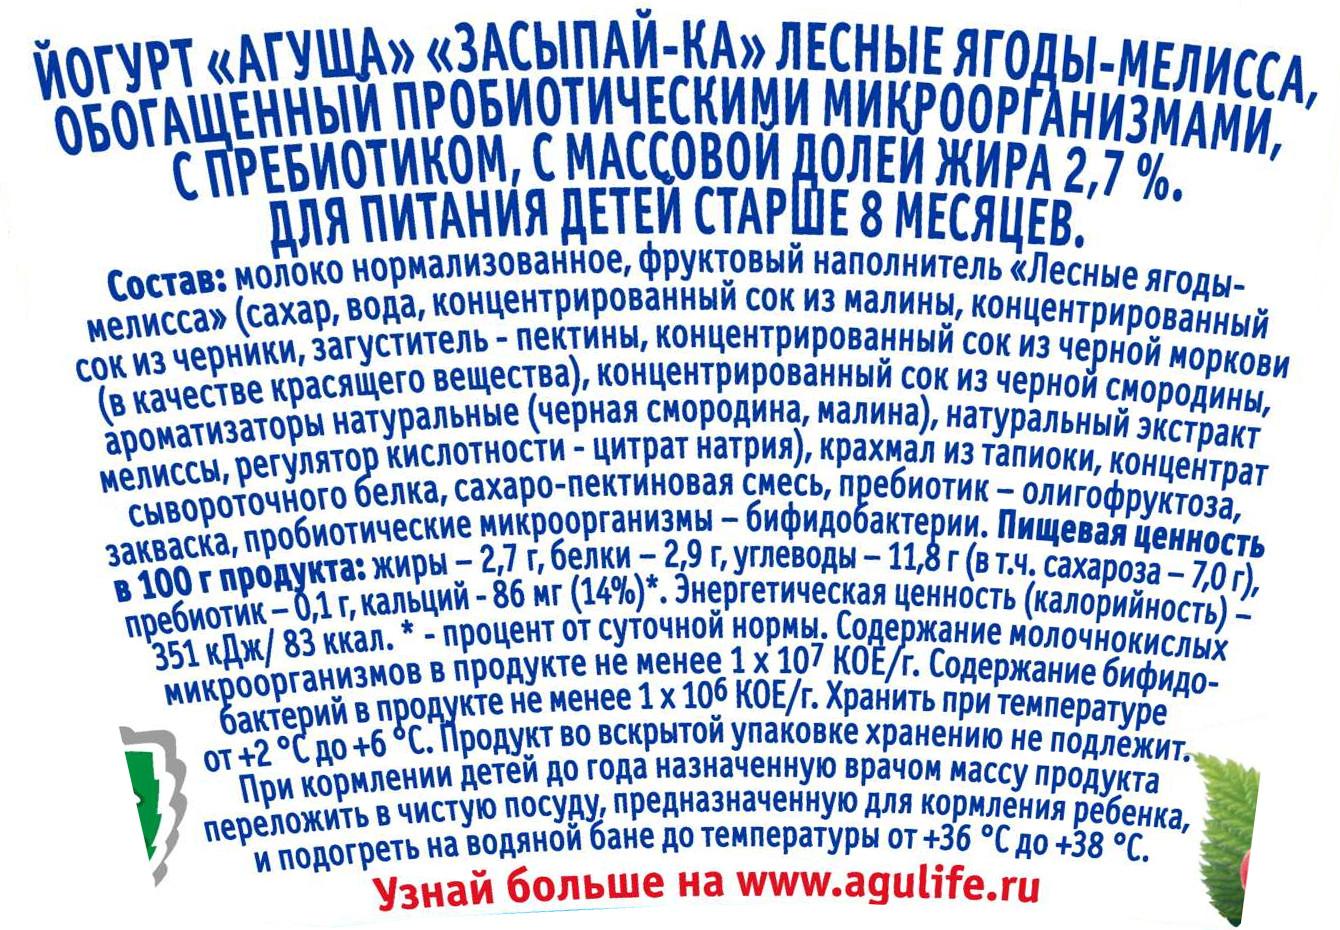 Молочная продукция Агуша «Засыпай-ка» Лесные ягоды-мелисса 2,7% с 8 мес. 200 мл сок агуша яблоко и персик с мякотью с 3 лет 500 мл